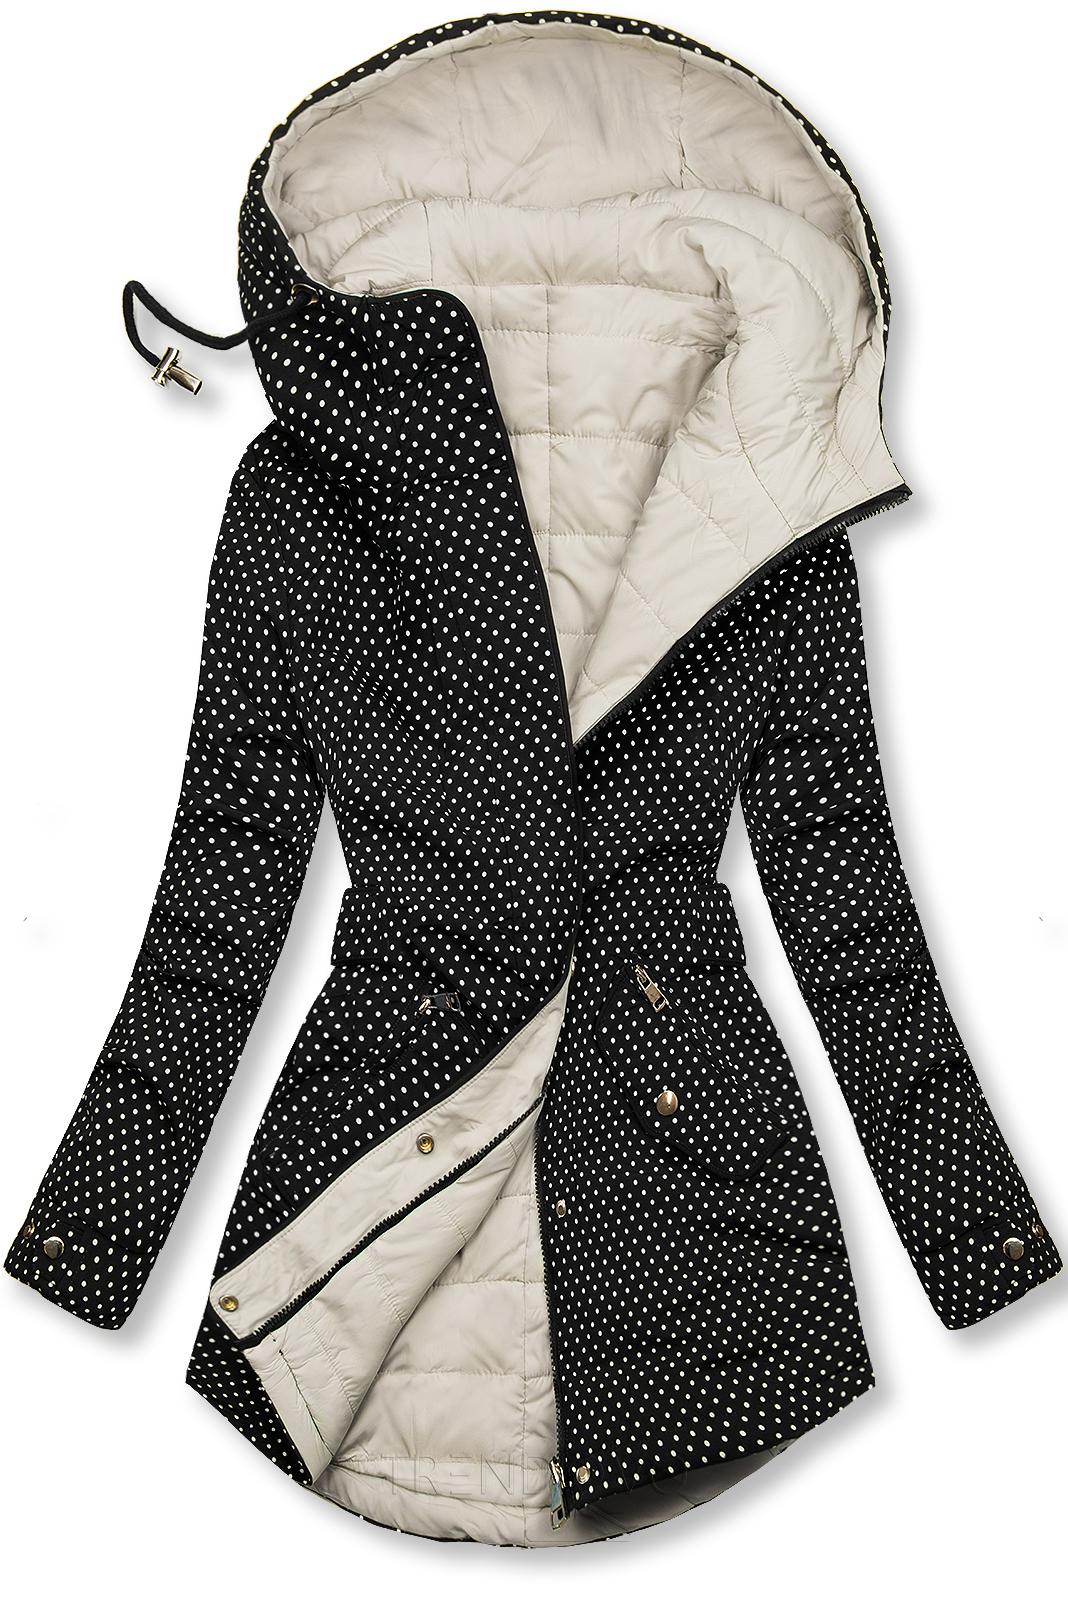 Bodkovaná obojstranná bunda čierna/ecru